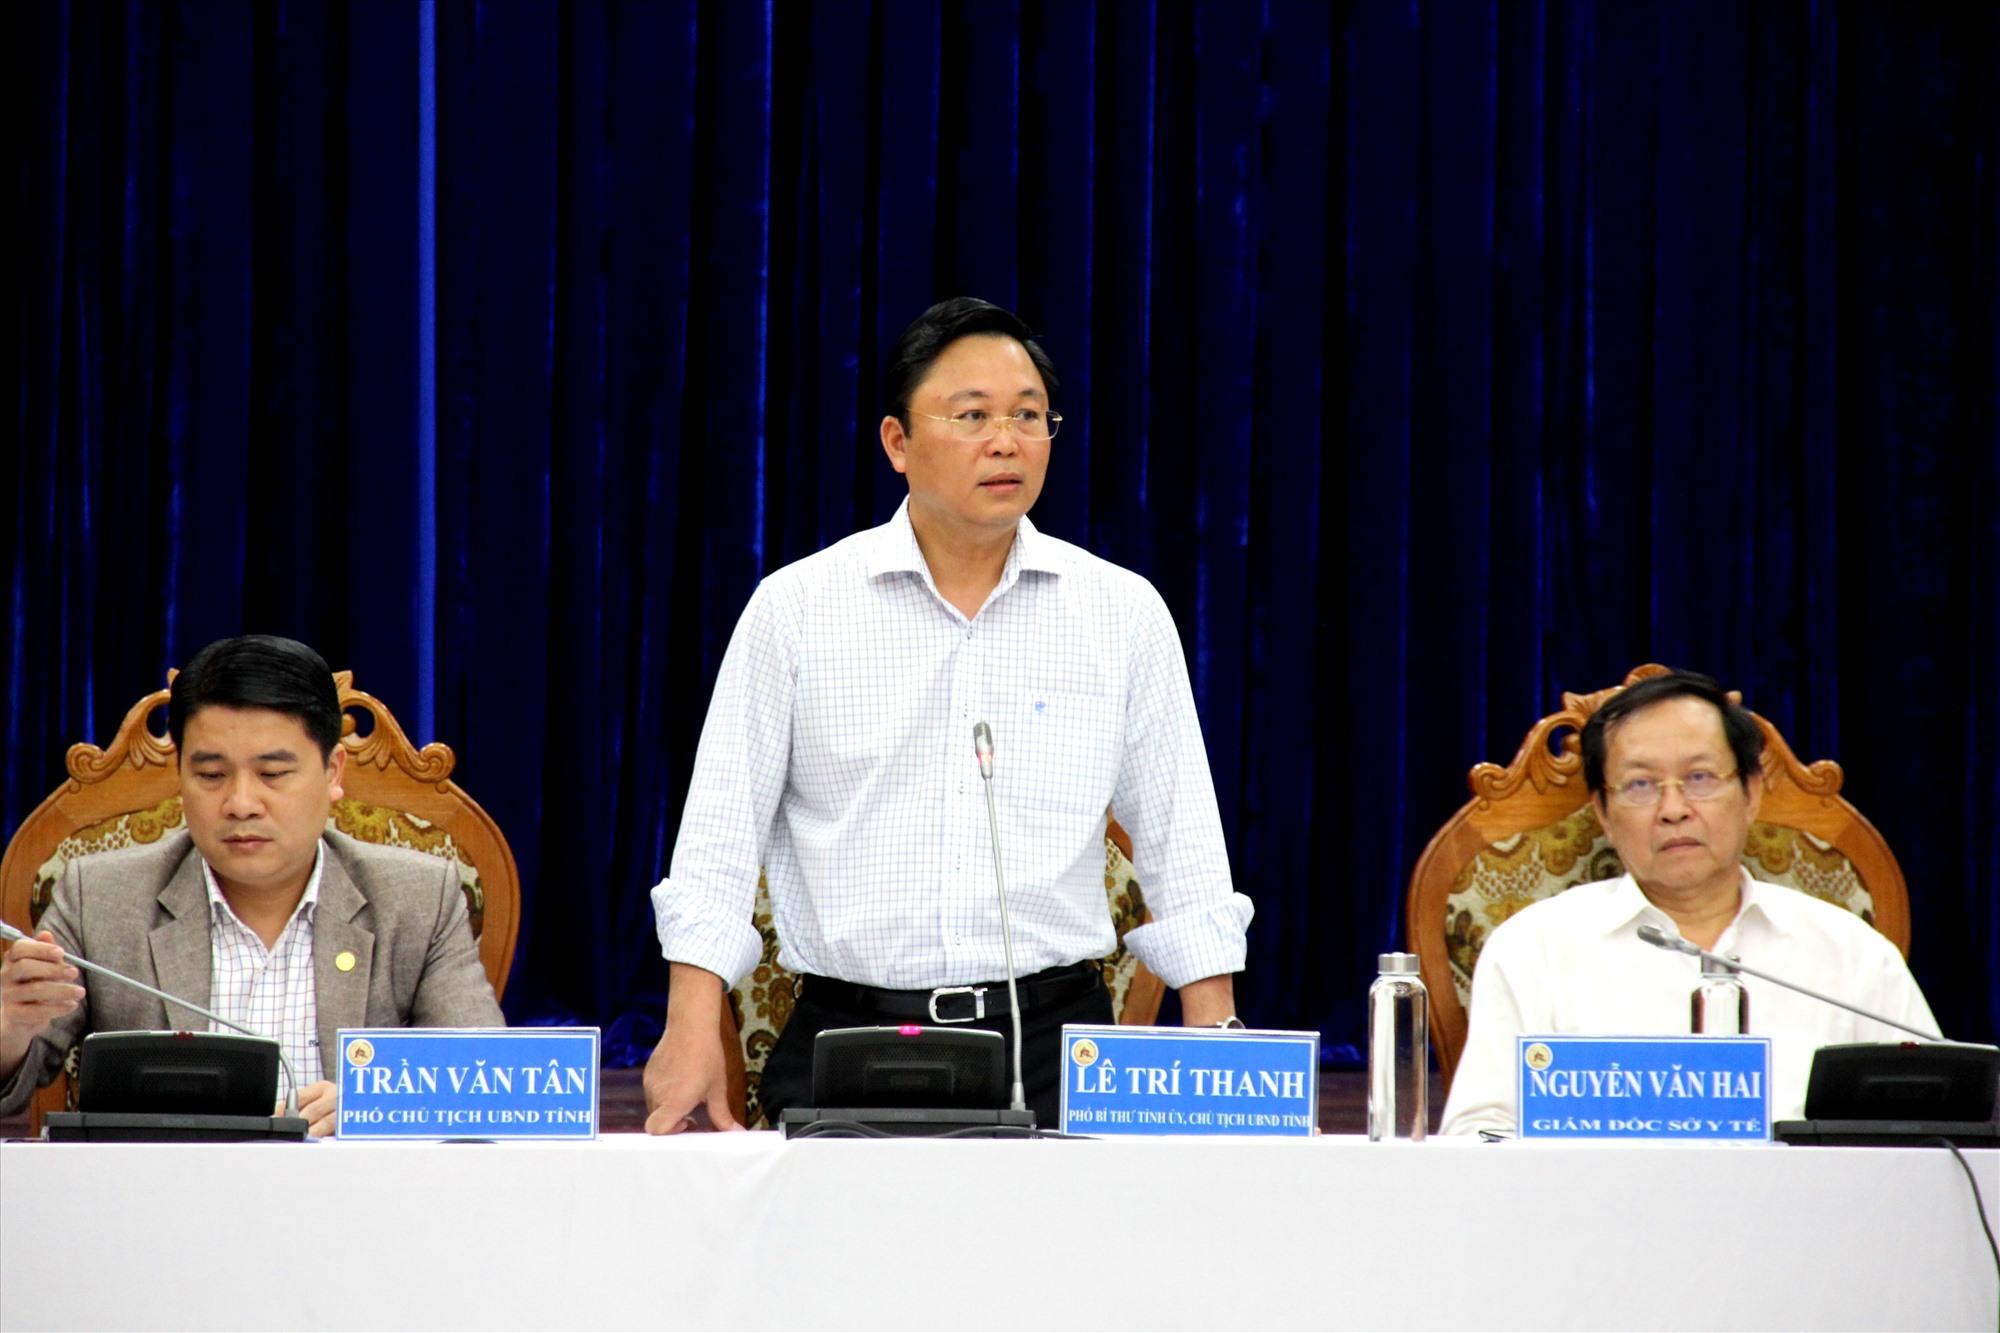 Chủ tịch UBND tỉnh Lê Trí Thanh, cùng Phó Chủ tịch UBND tỉnh Trần Văn Tân và Giám đốc Sở Y tế Nguyễn Văn Hai đồng chủ trì cuộc họp. Ảnh: Đ.N